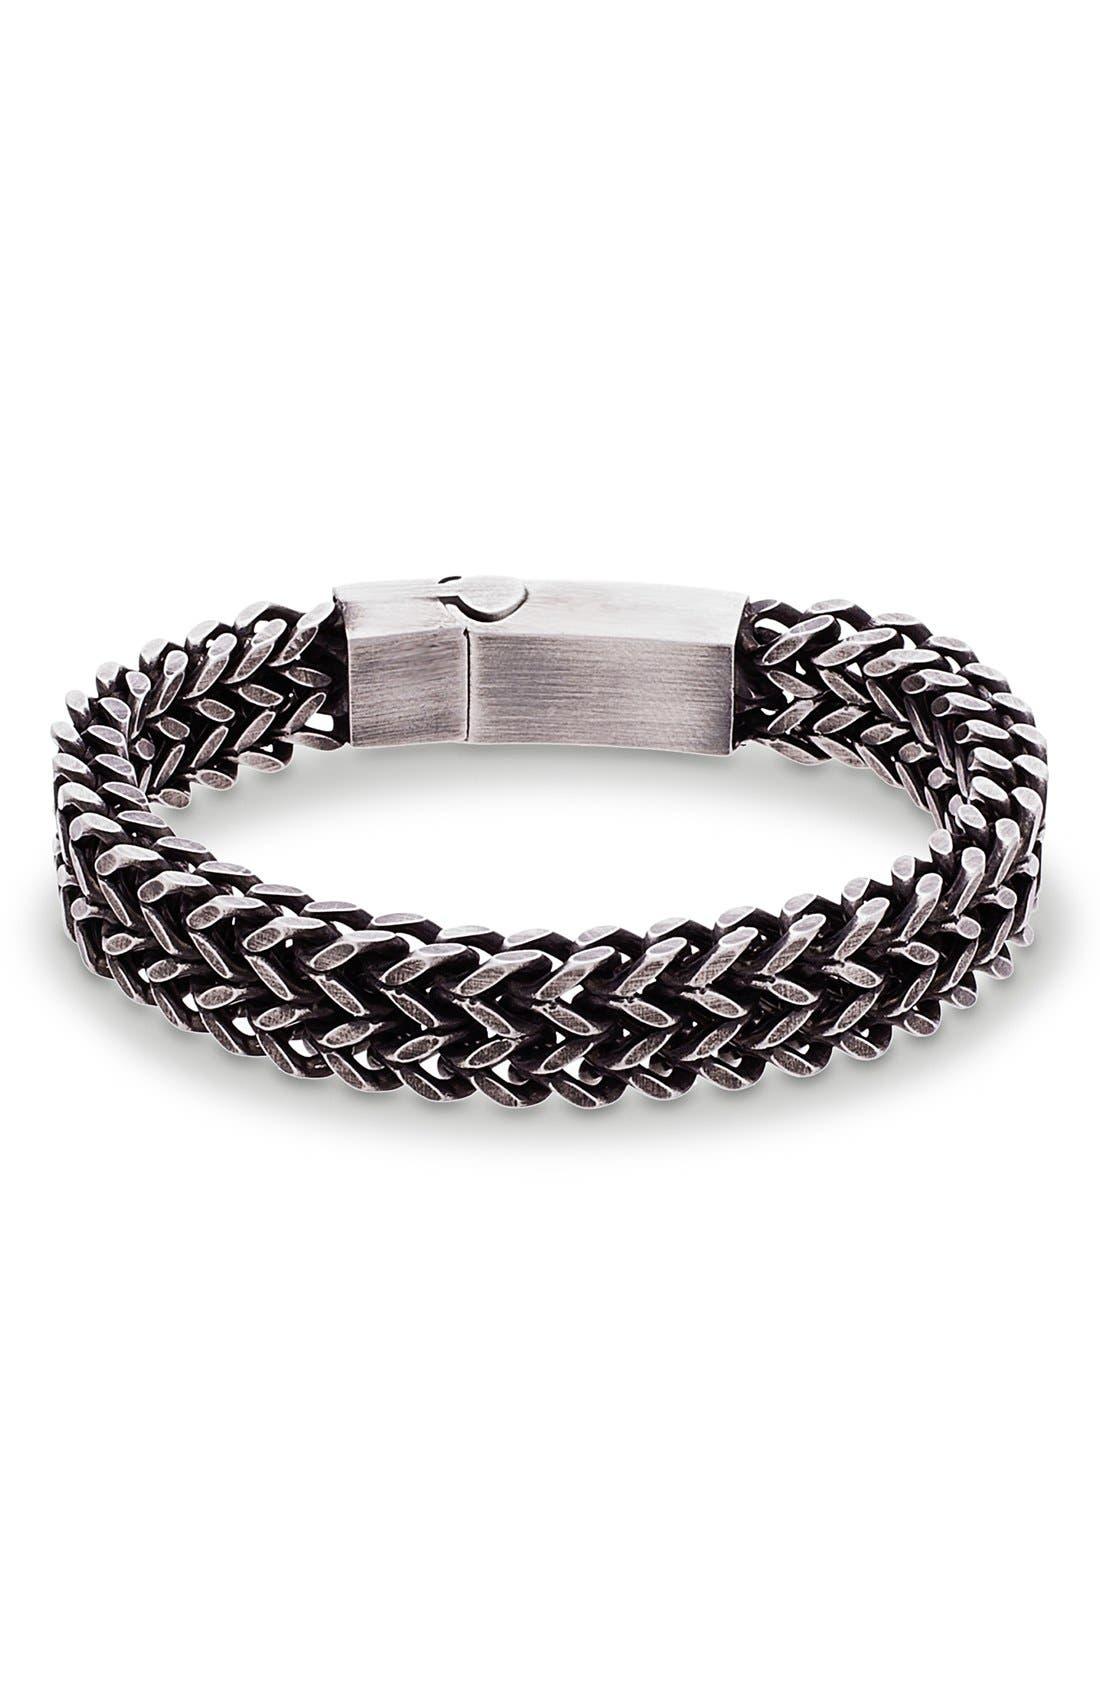 Steve Madden Double Franco Chain Bracelet